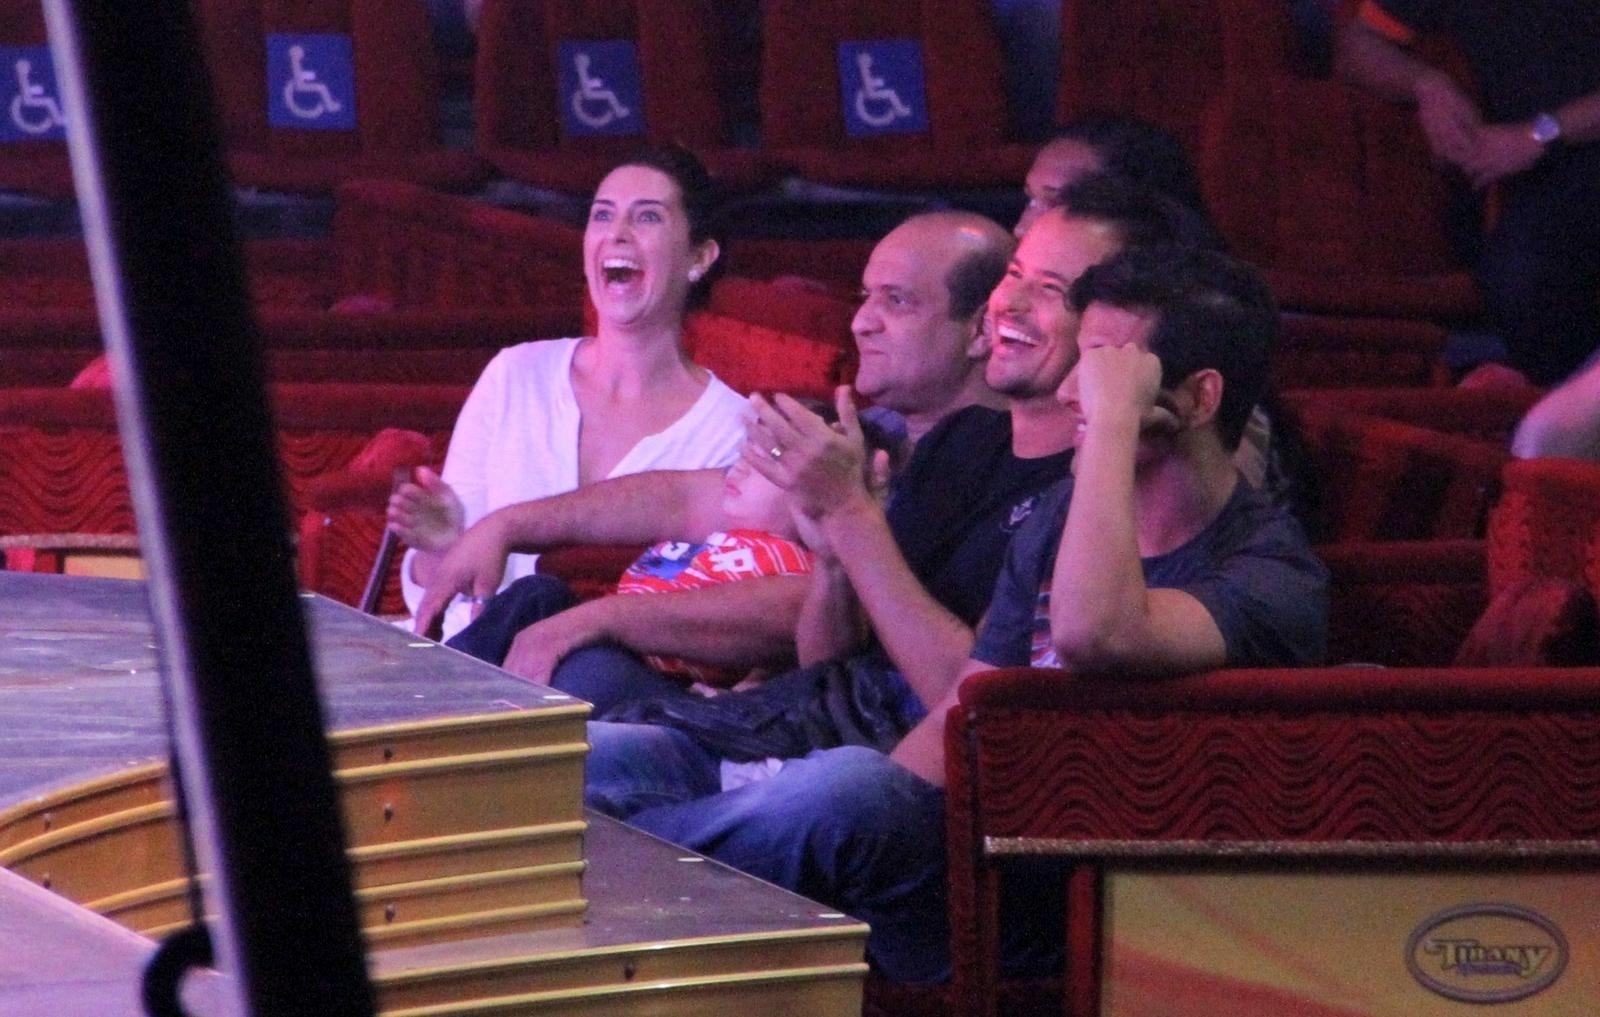 18.set.2013 - Fernanda Paes Leme, Paulinho Vilhena e amigos se divertem durante apresentação do circo Tihany, na Barra da Tijuca, no Rioc